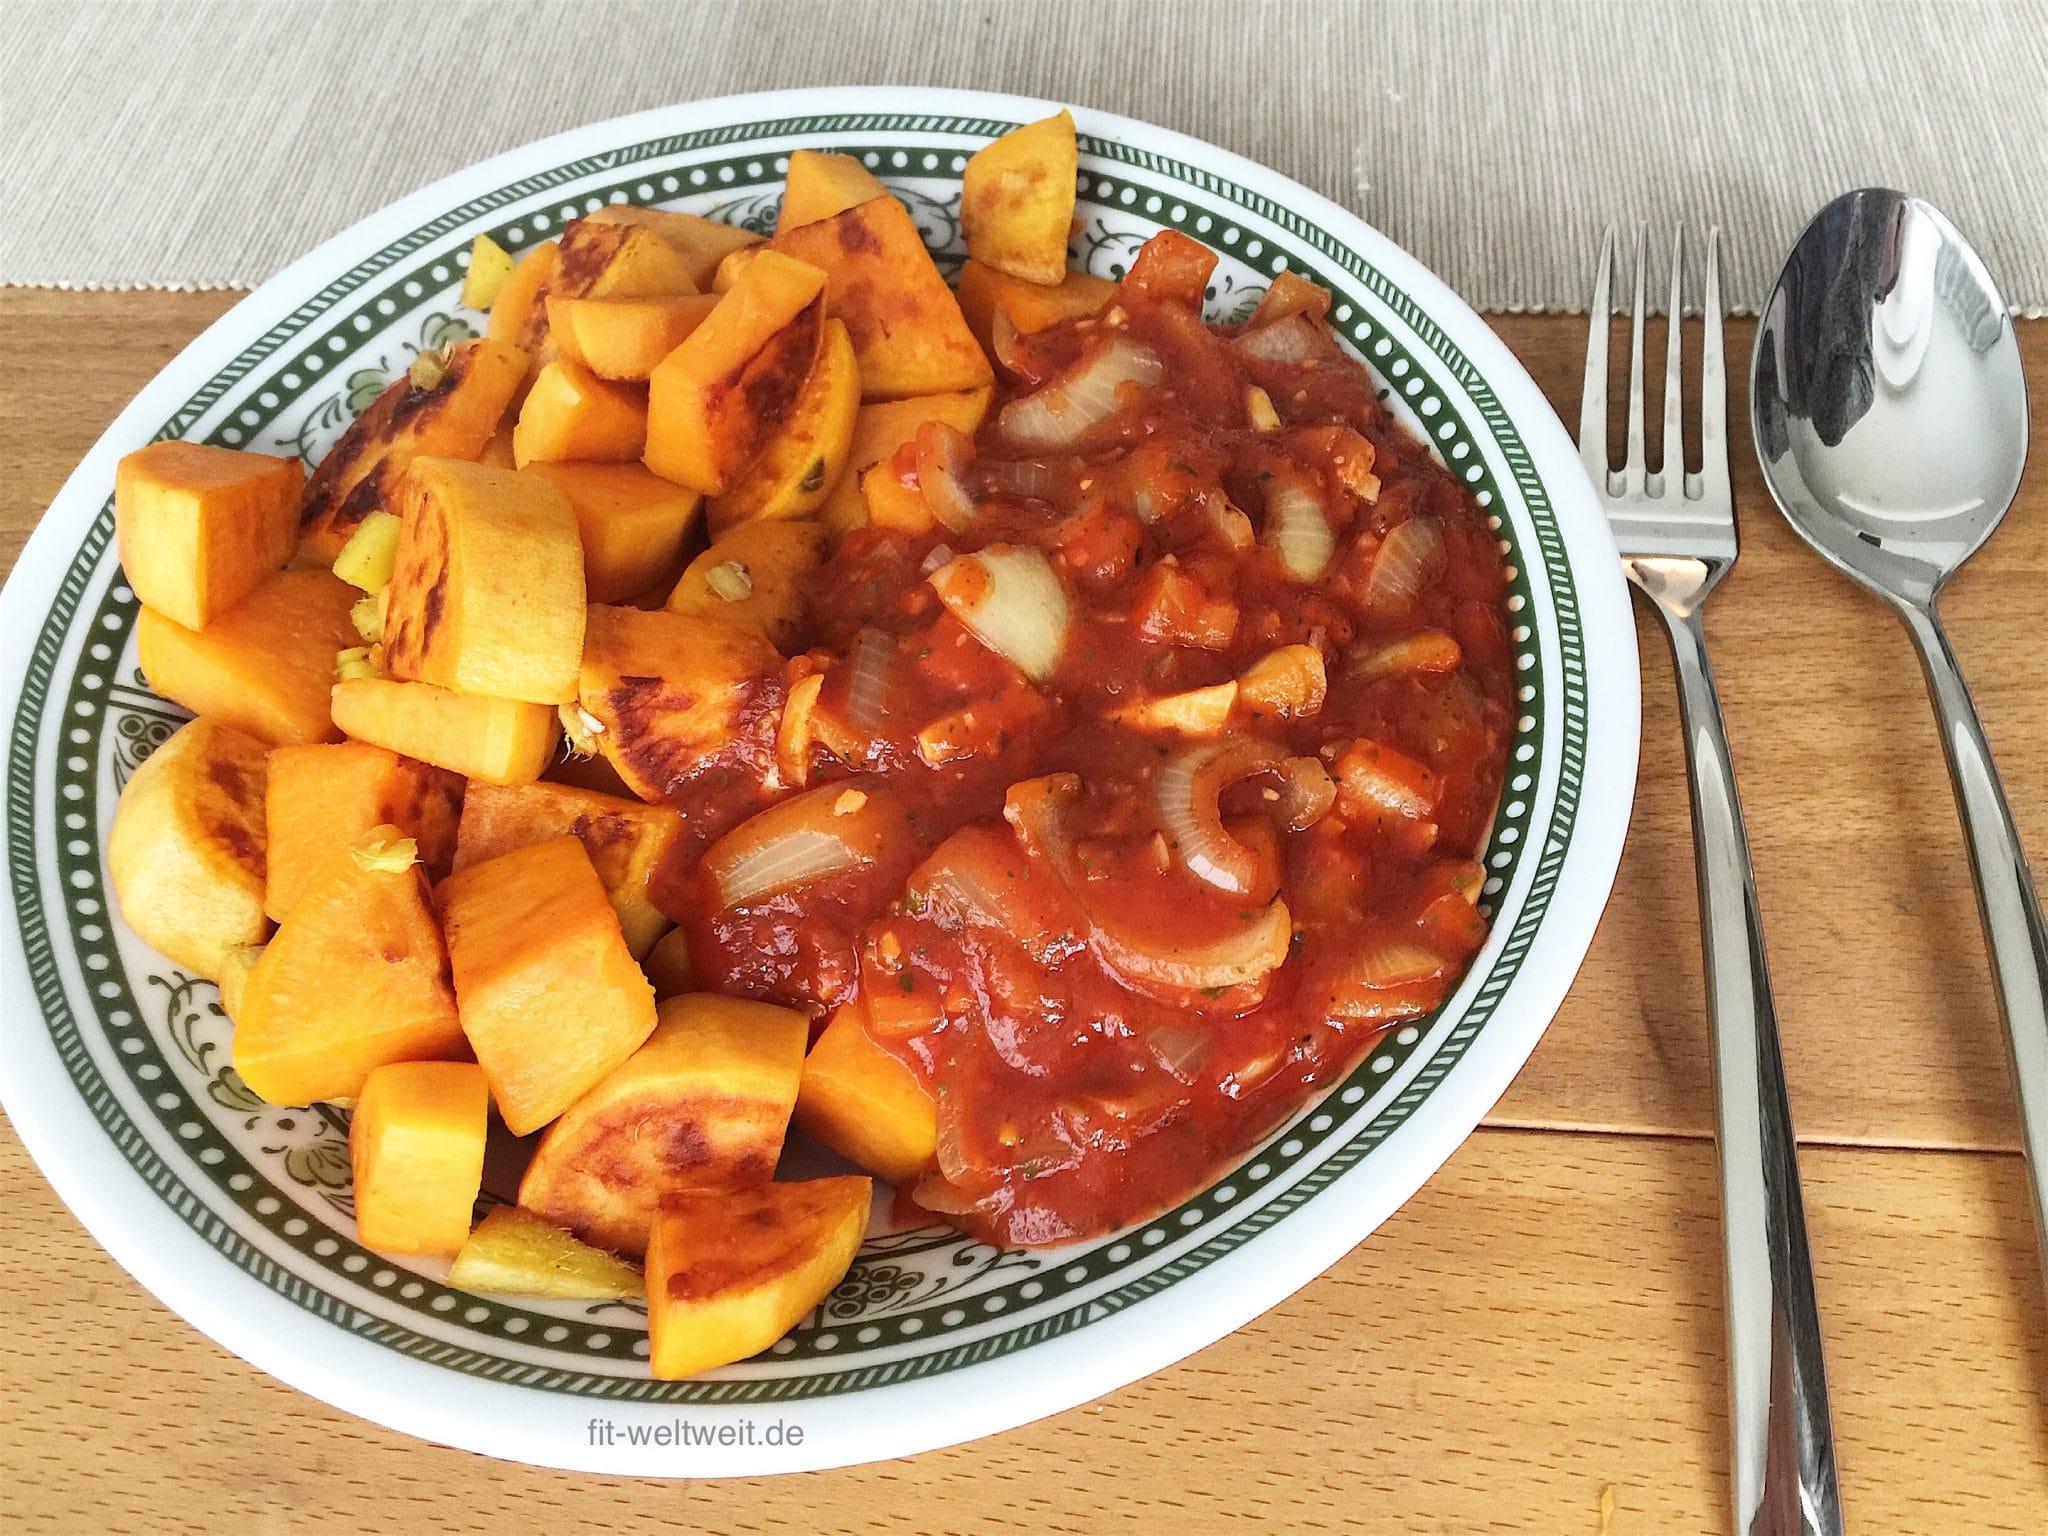 Zutaten für die vegane Süßkartoffelpfanne mit Tomatensauce und Ingwer